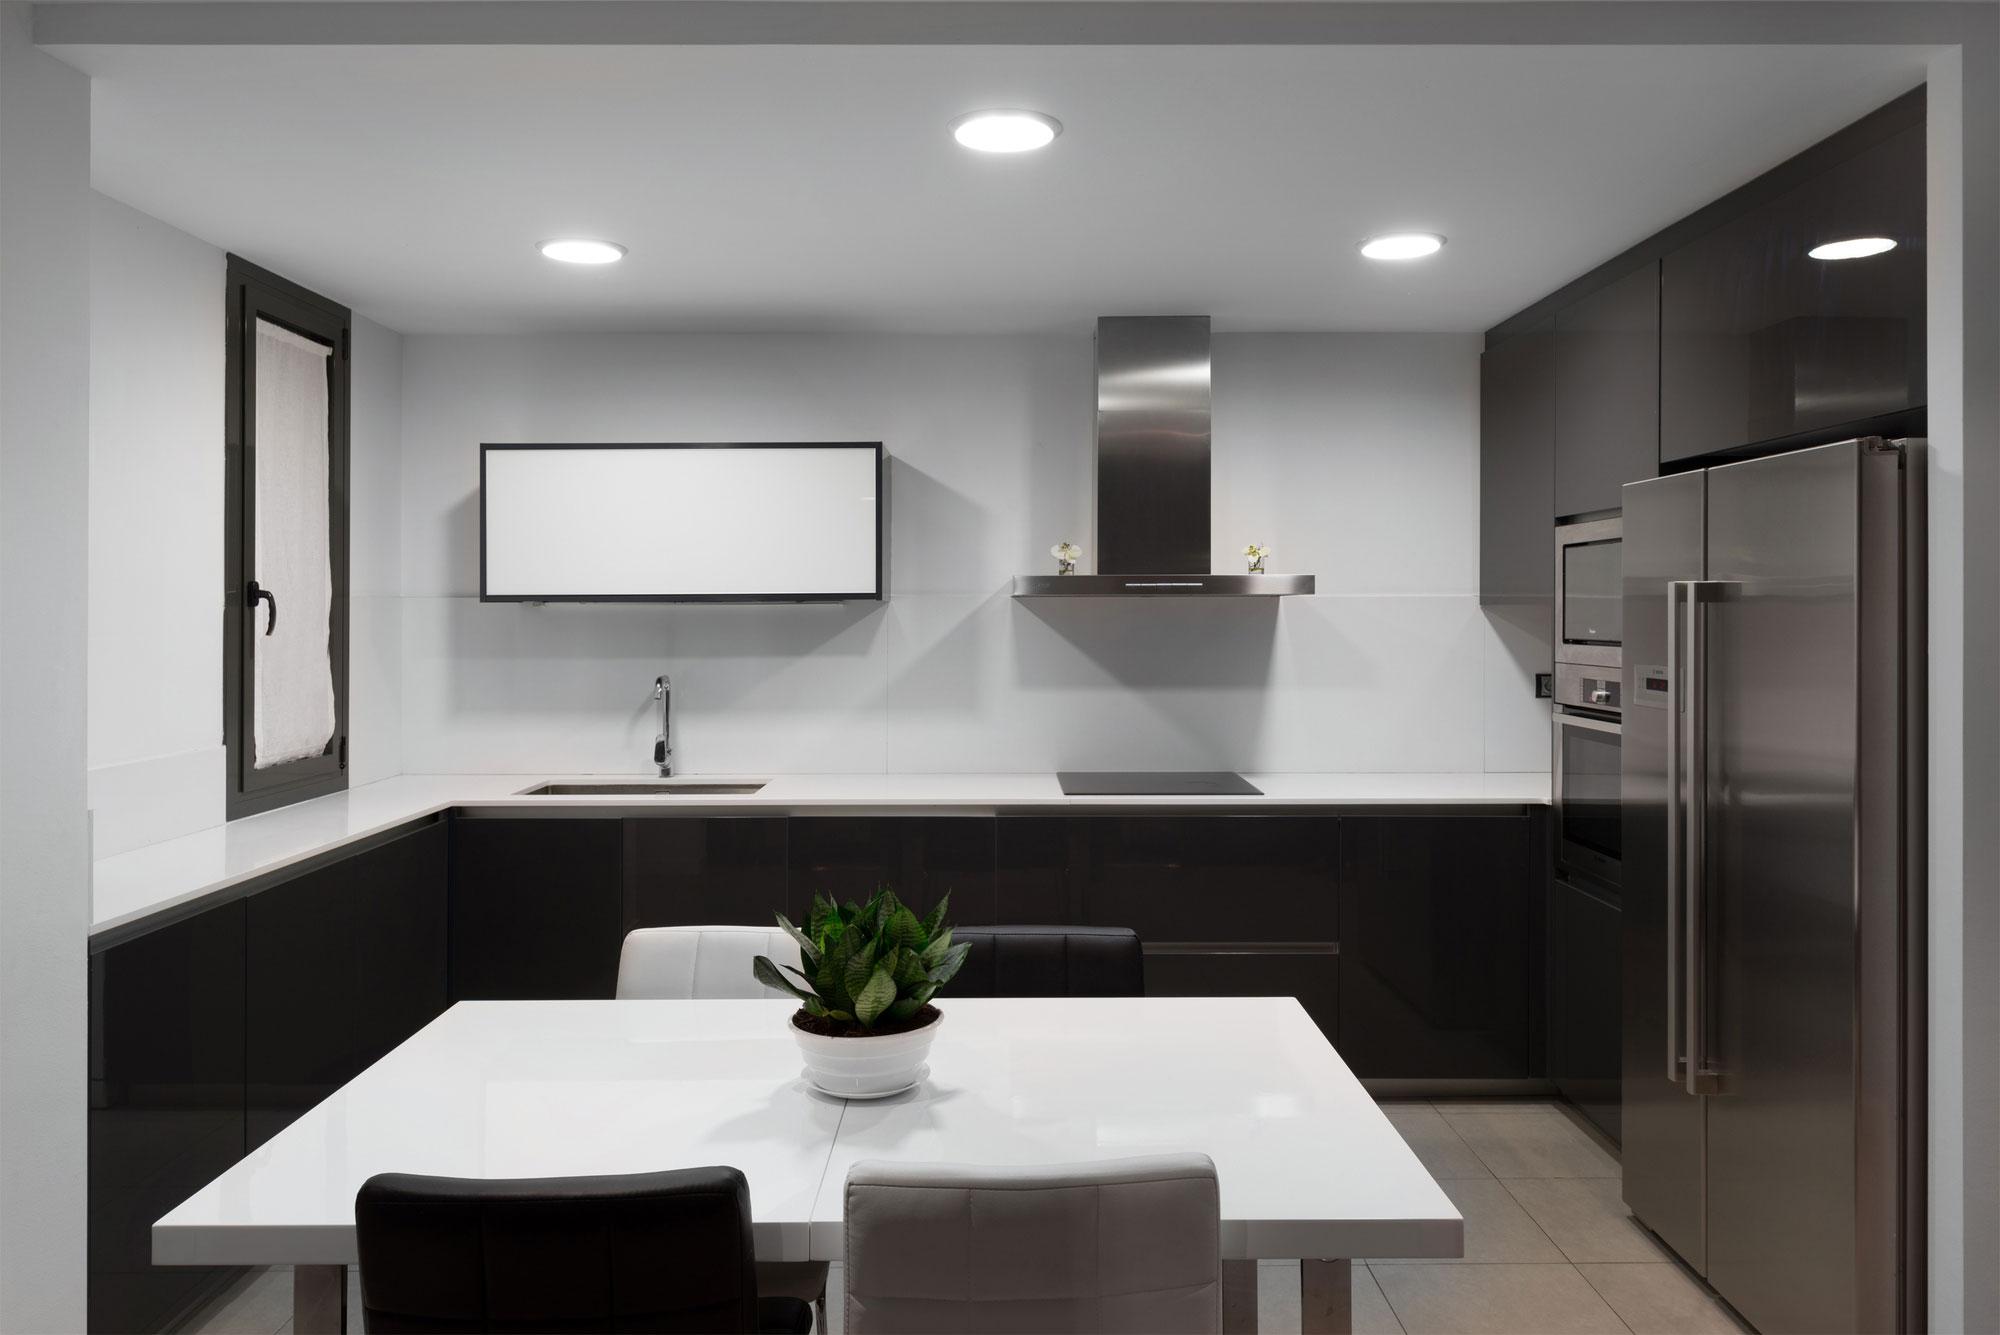 Дизайнерский интерьер небольшой кухни - фото 20